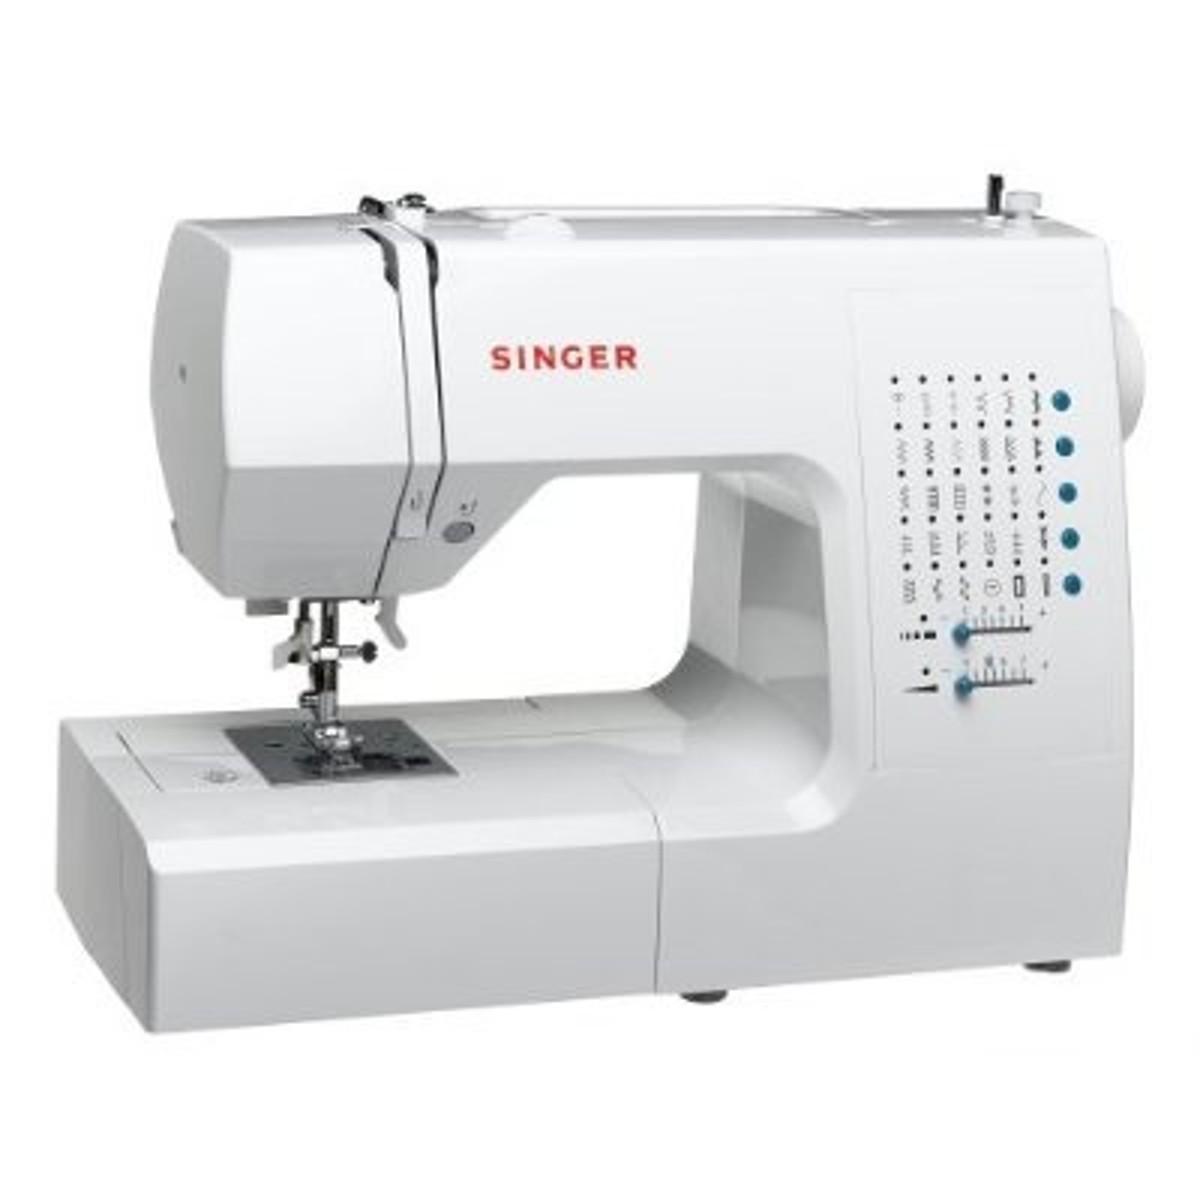 Singer 7442 Sewing Machine